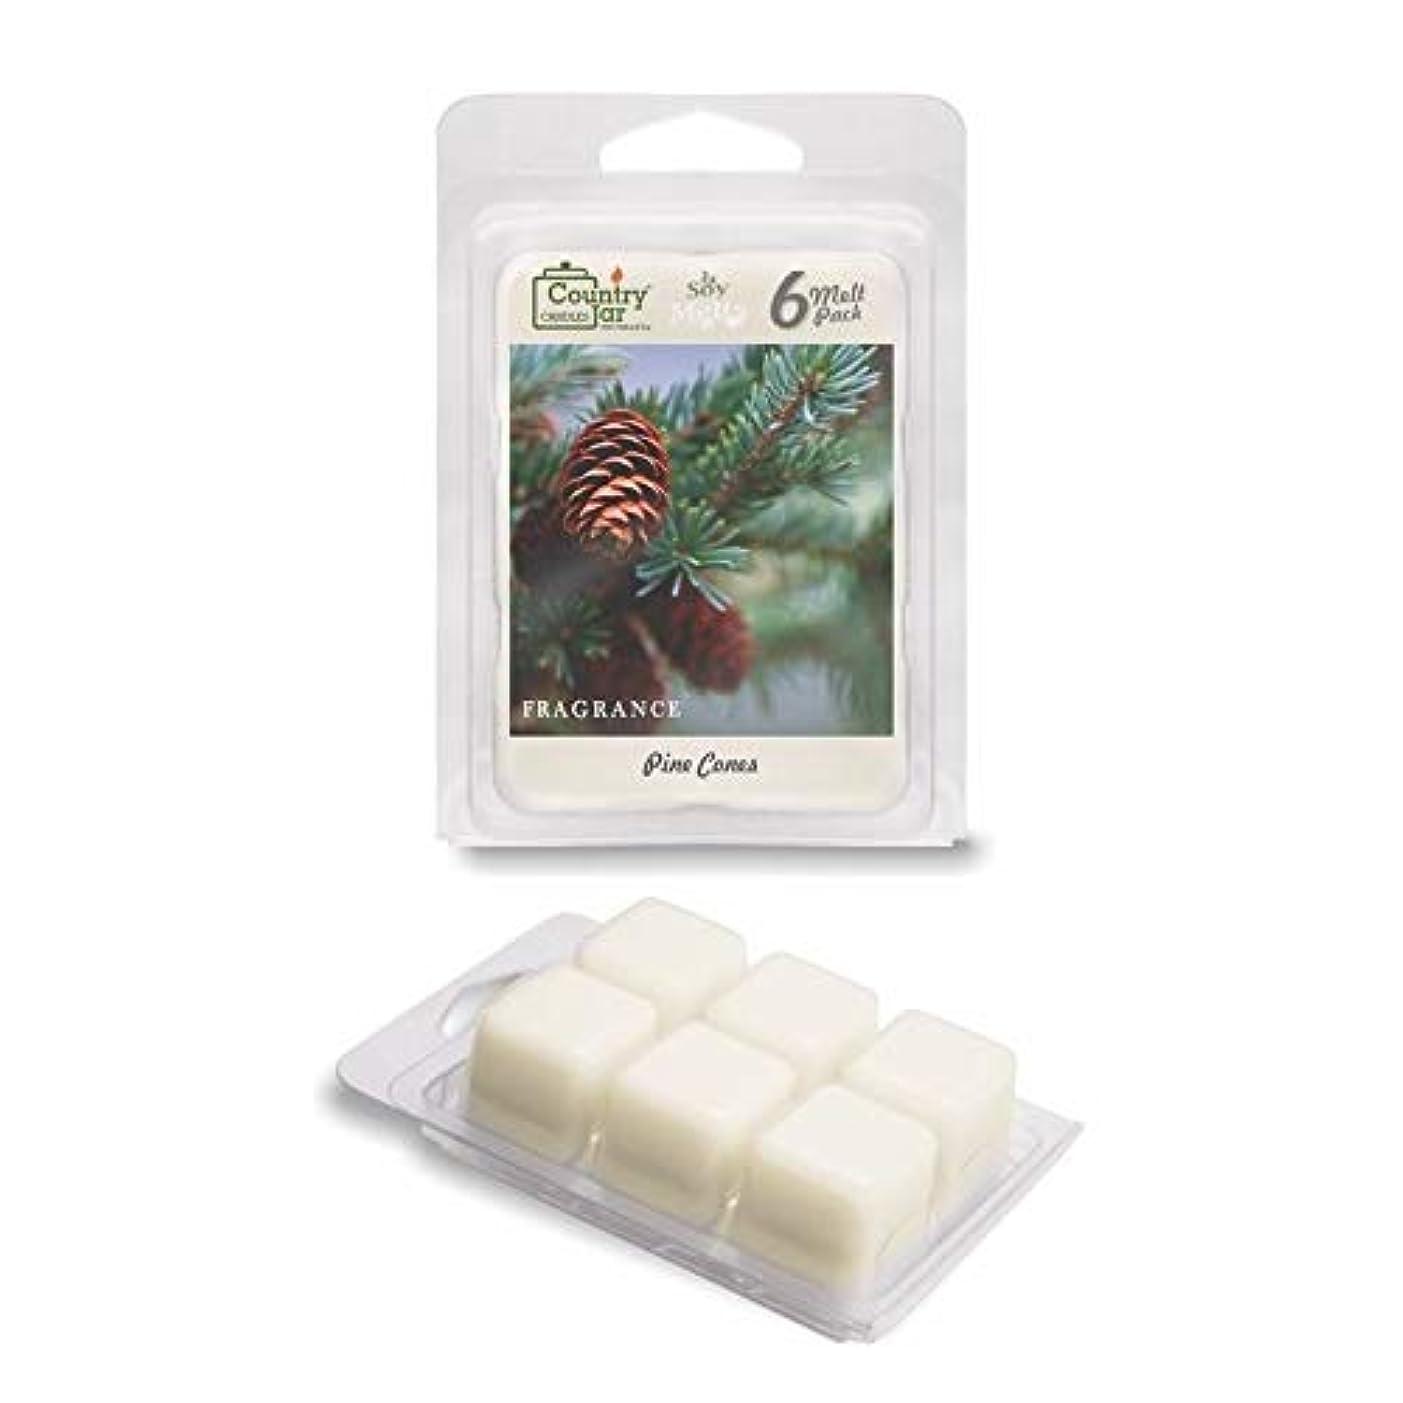 約イタリアの潜在的なNature 's Best大豆キャンドルby国Jar Candle Co。 Wax Melts (WM) MDL-SM118